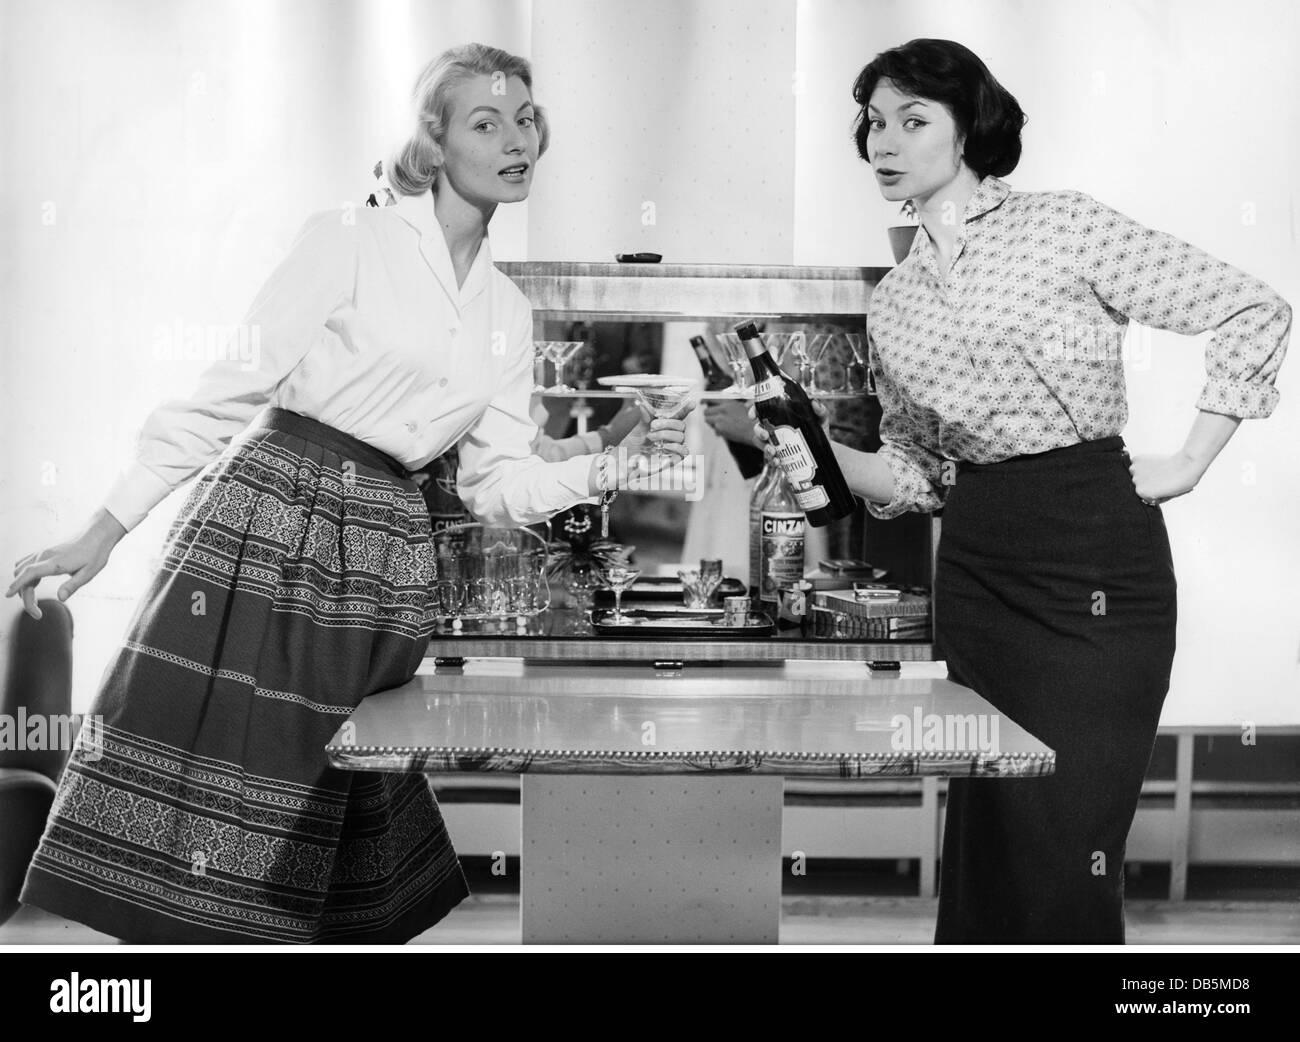 Interieur, minibar, dos mujeres con minibar abierto, alrededor de 1958, Derechos adicionales-Clearences-no disponible Foto de stock